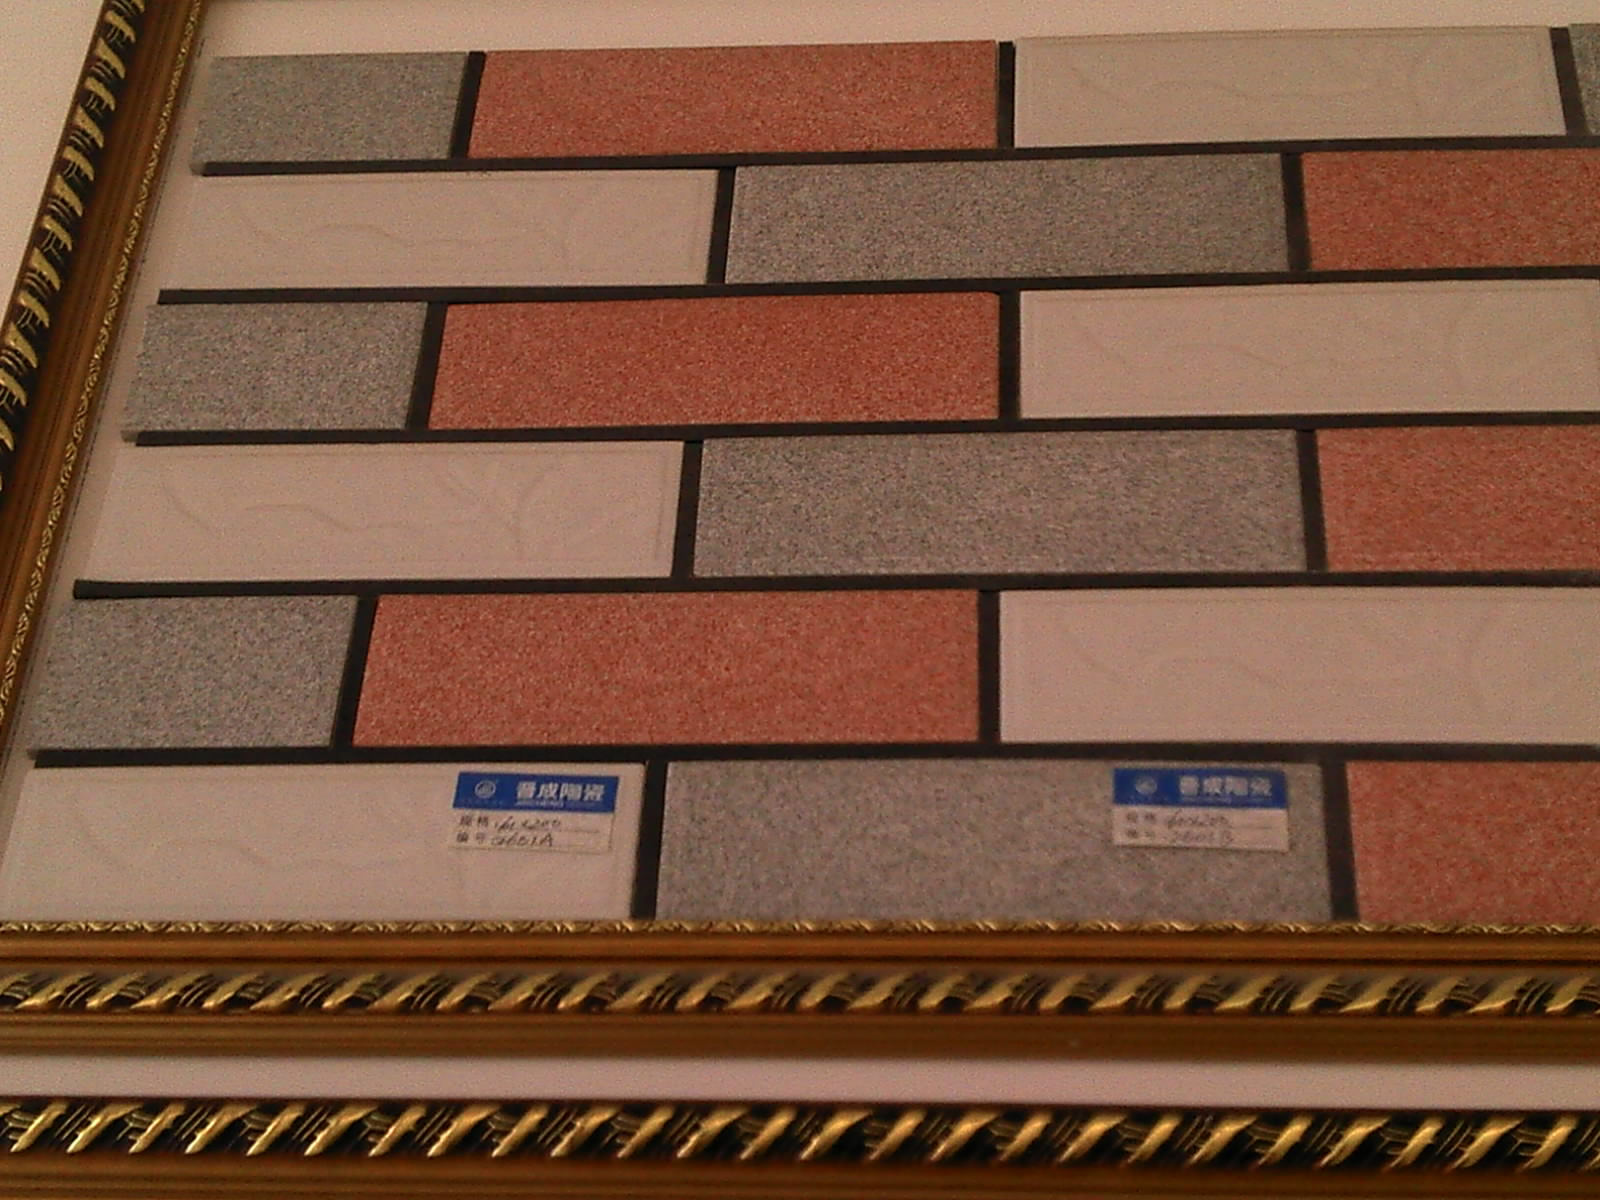 请问装潢专家,上图作为新建房子的外墙瓷砖,三种颜色该如何高清图片